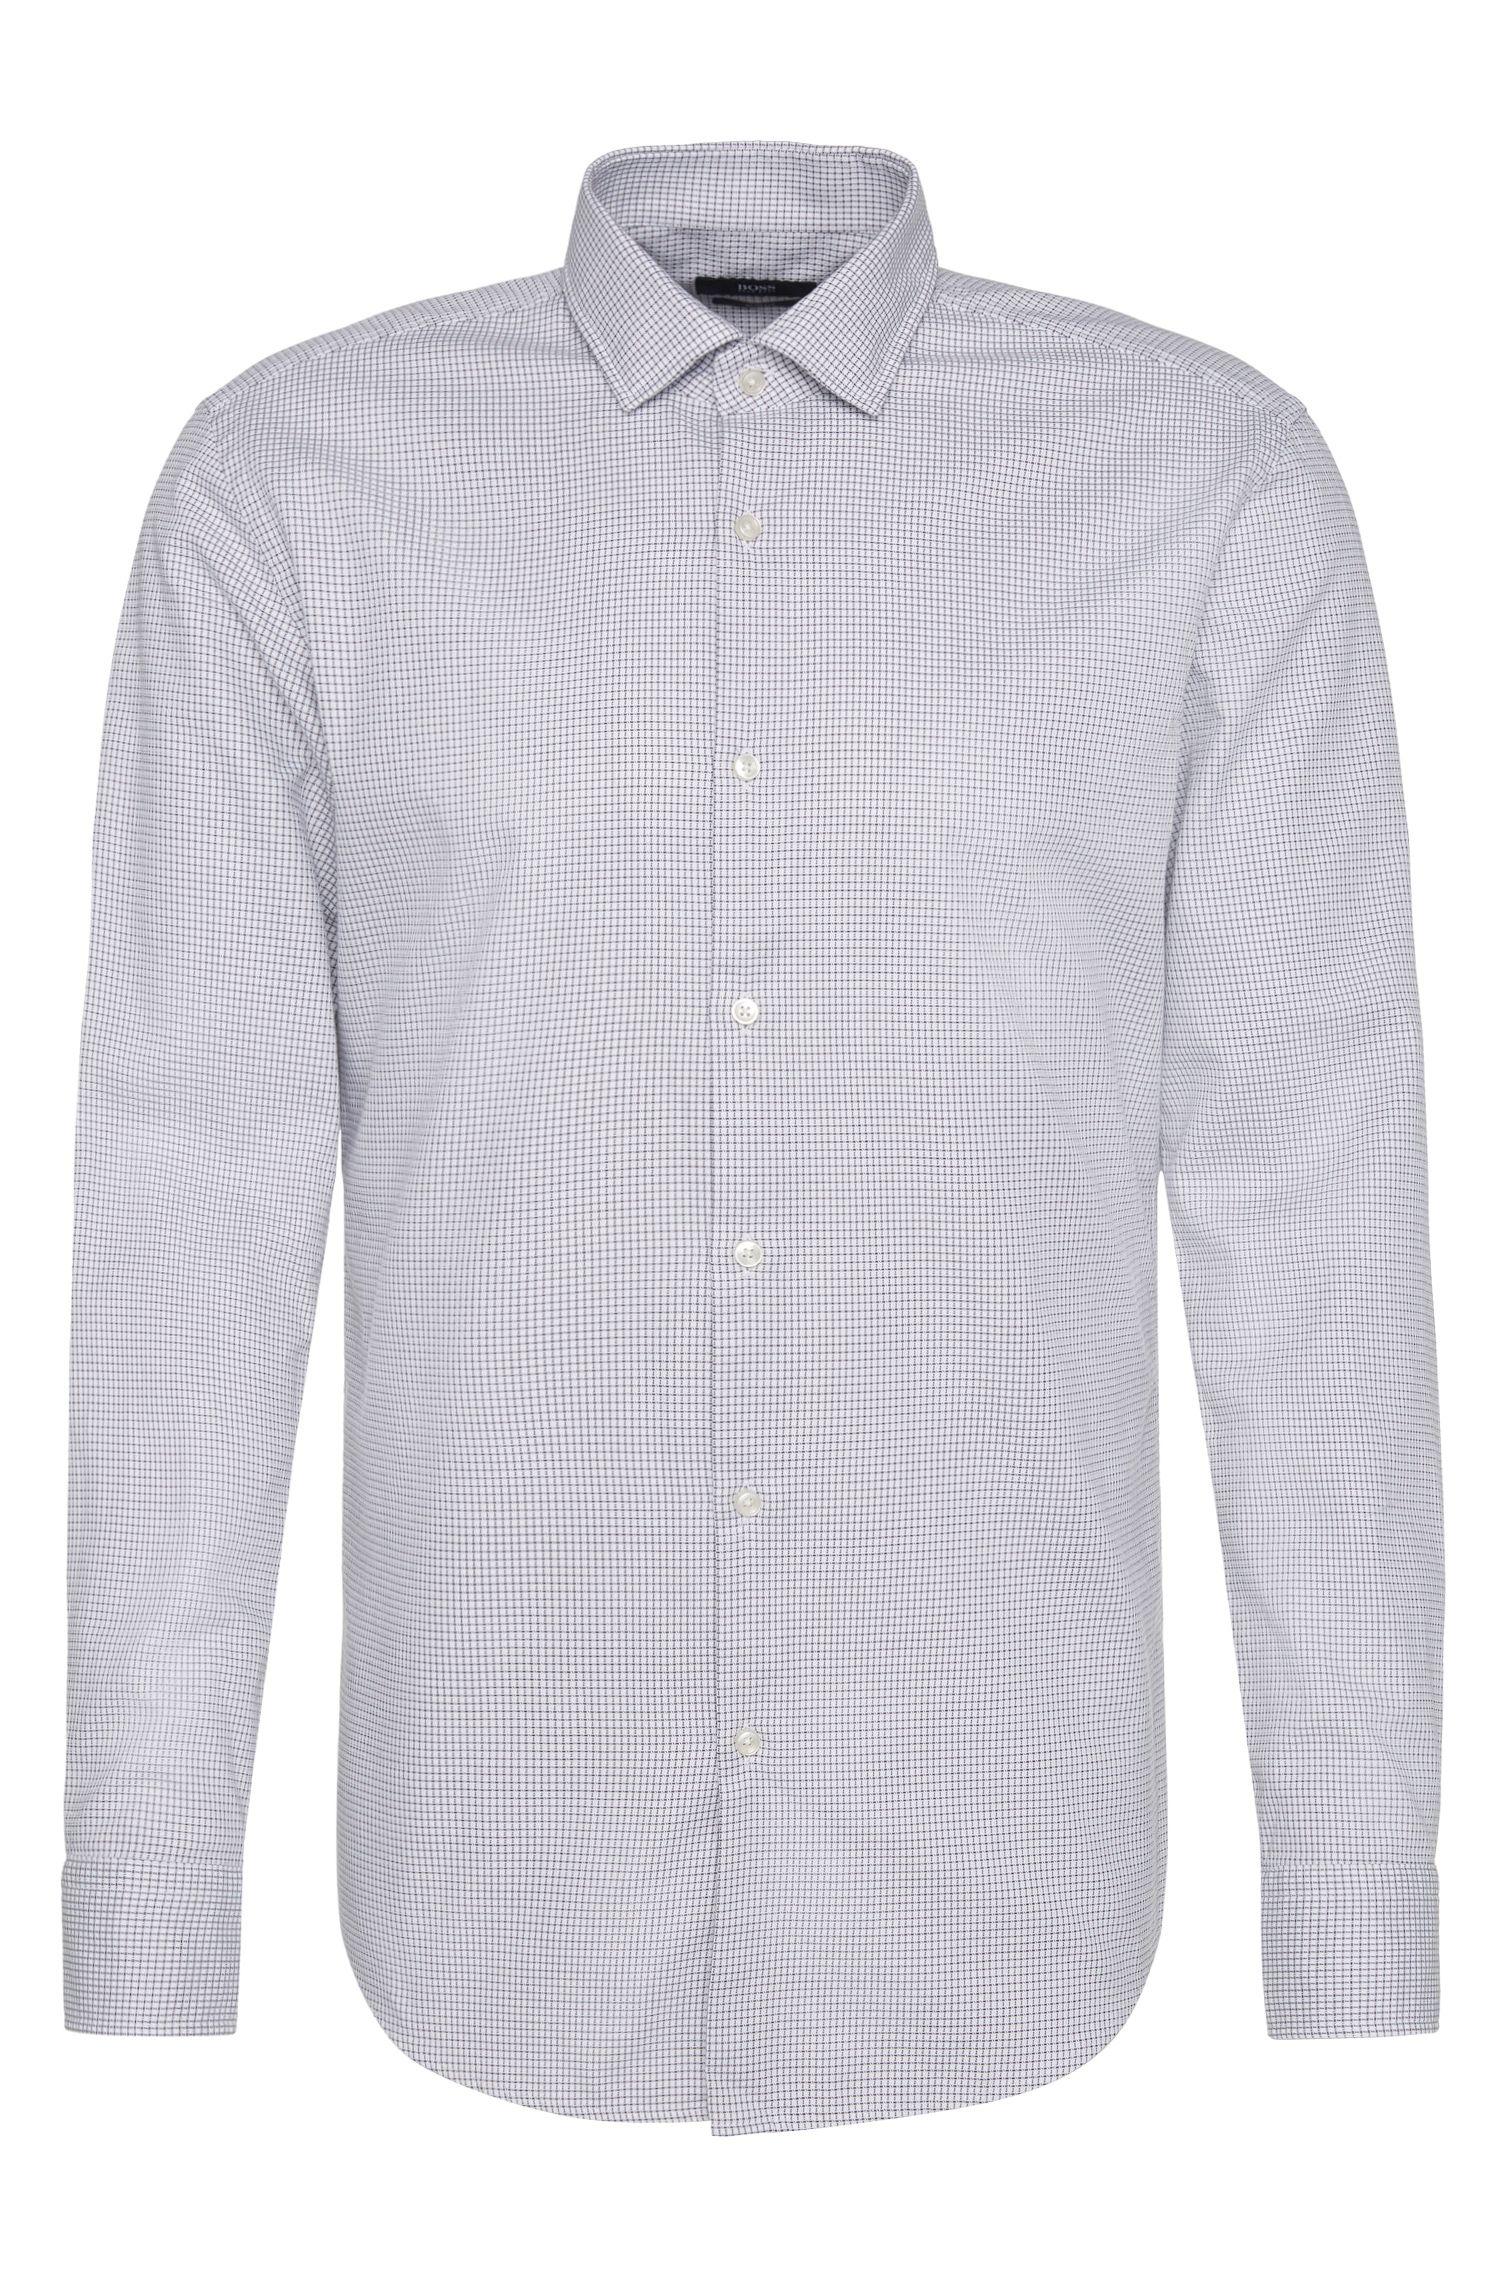 Fein kariertes Slim-Fit Hemd aus Baumwolle: 'Jex'